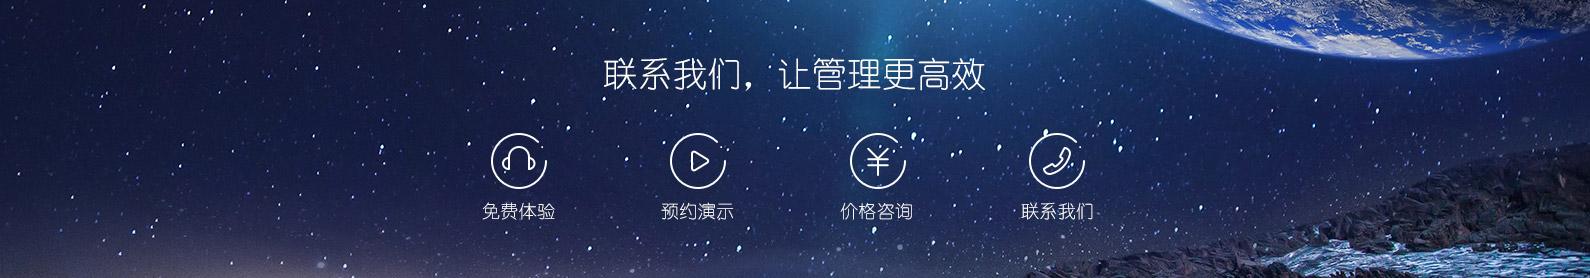 重庆金蝶软件